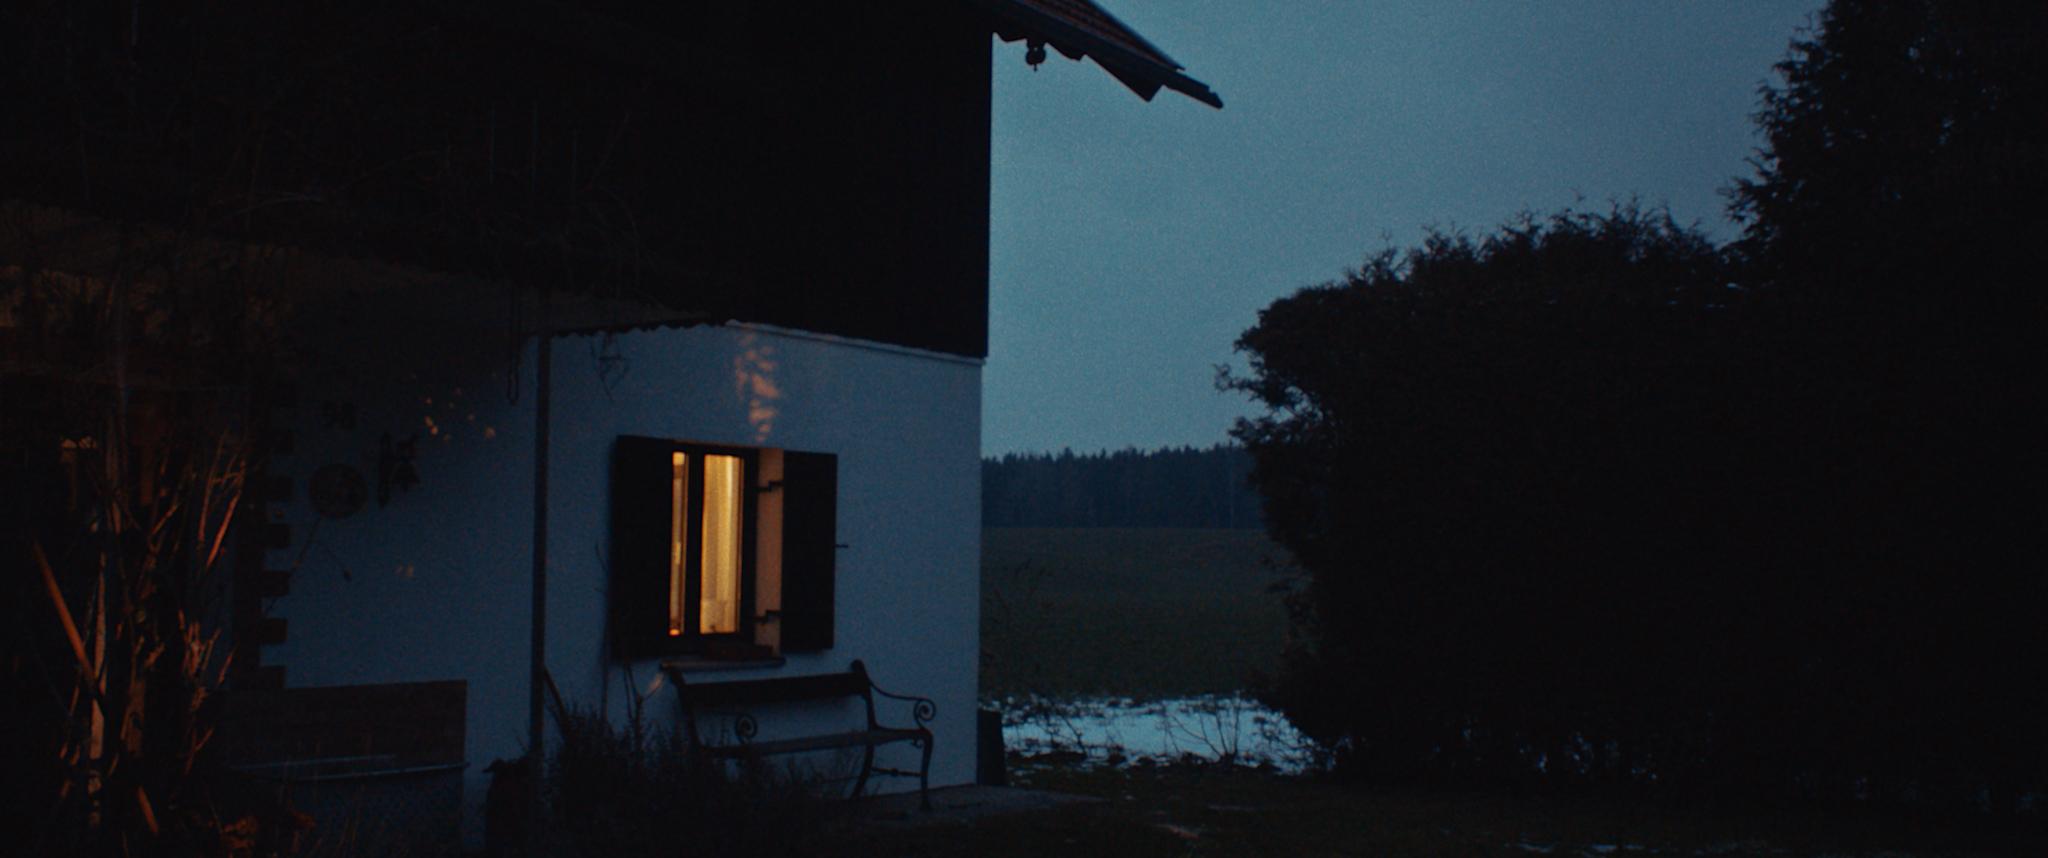 Boehringer Ingelheim - Helga Copy 01.00_00_36_15.Still046.JPG